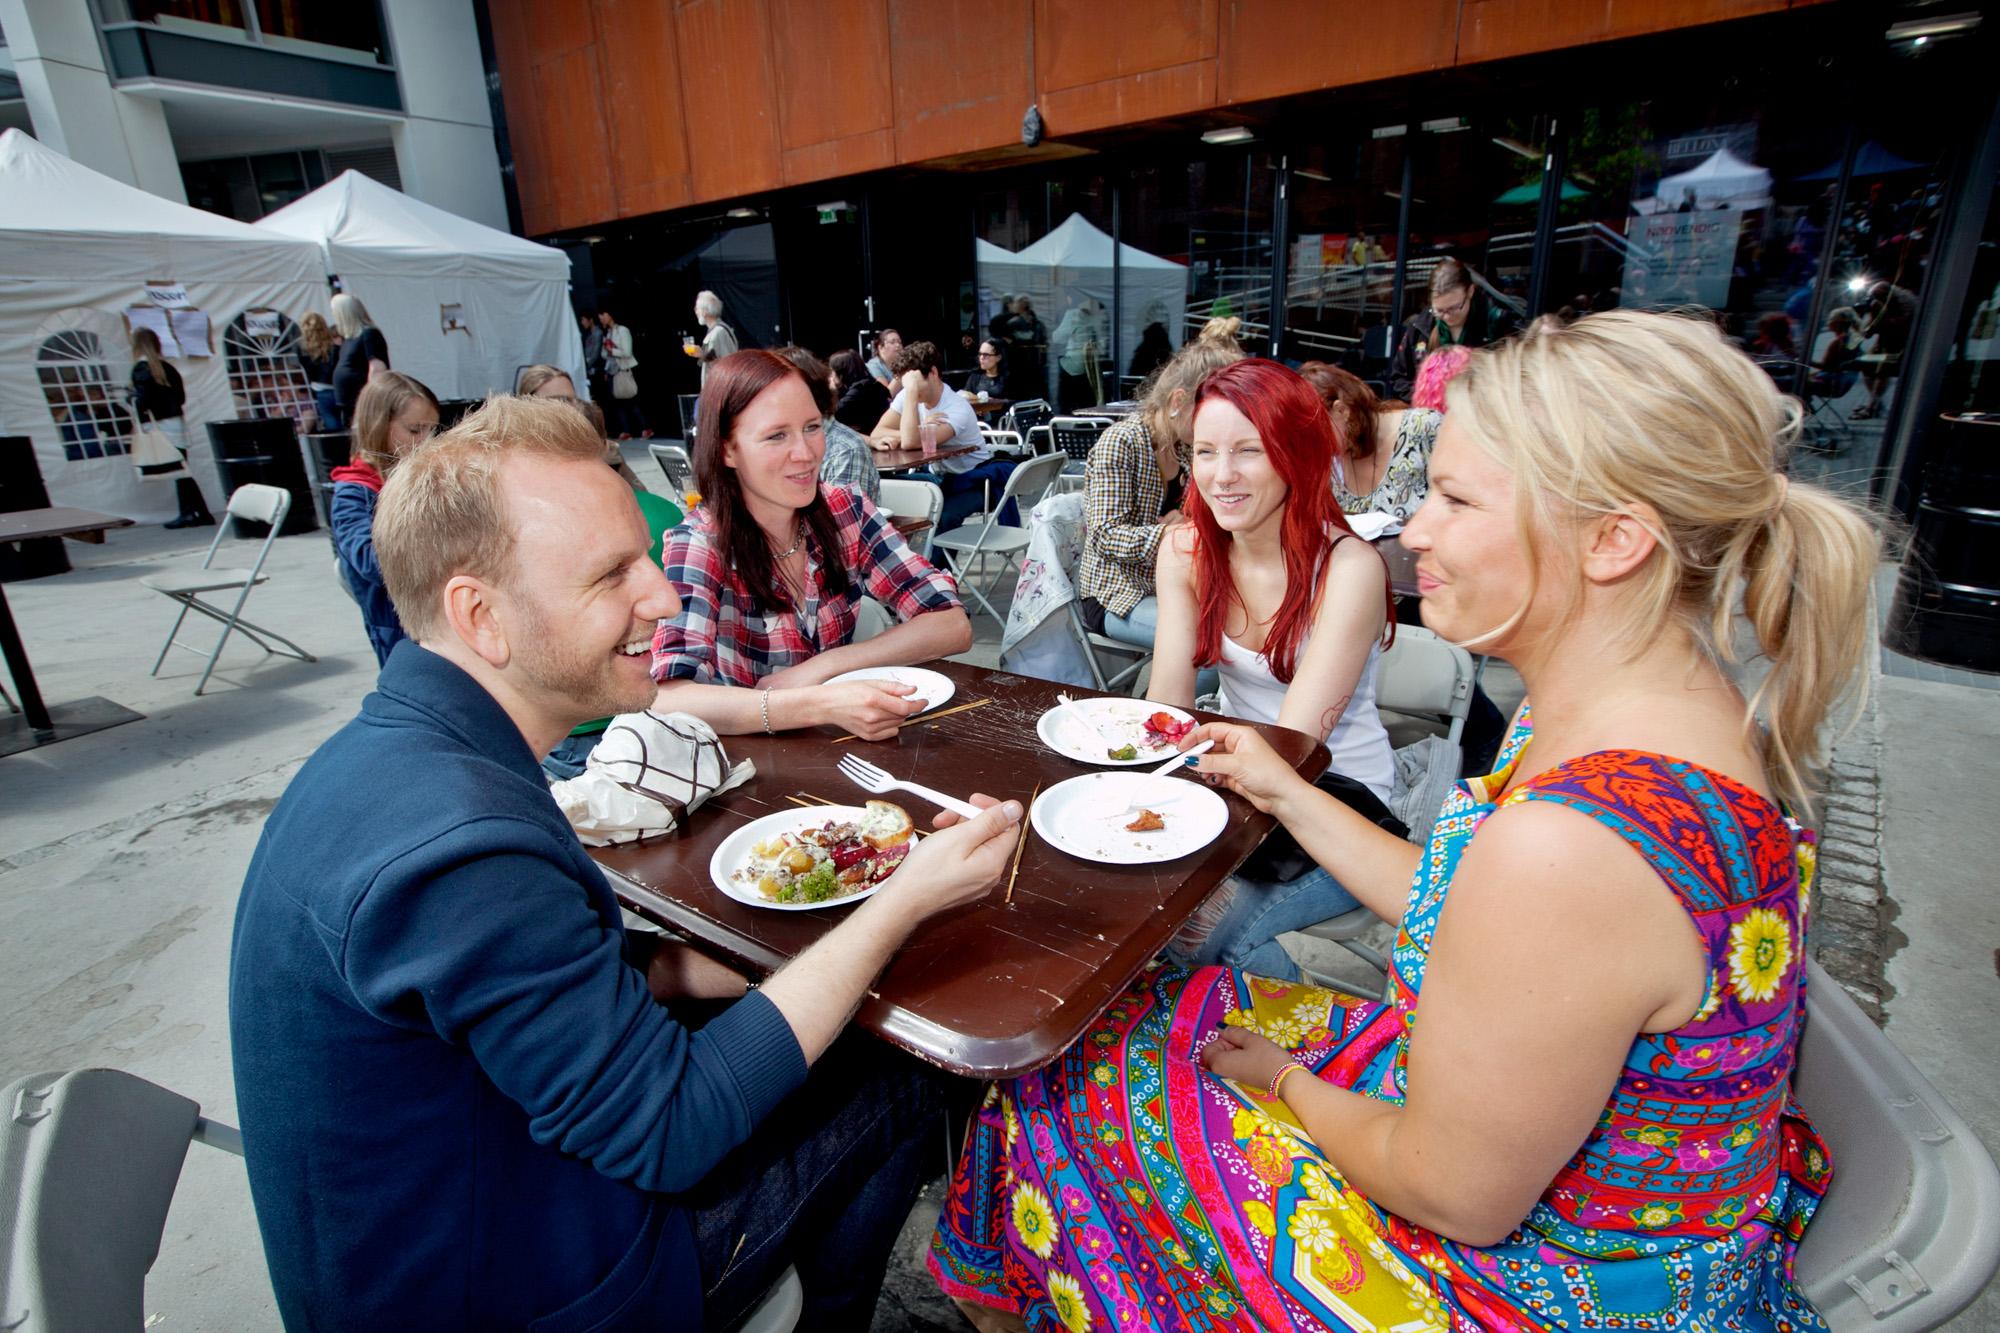 Besøkende nyter vegetarisk mat. Foto: Nyebilder.no